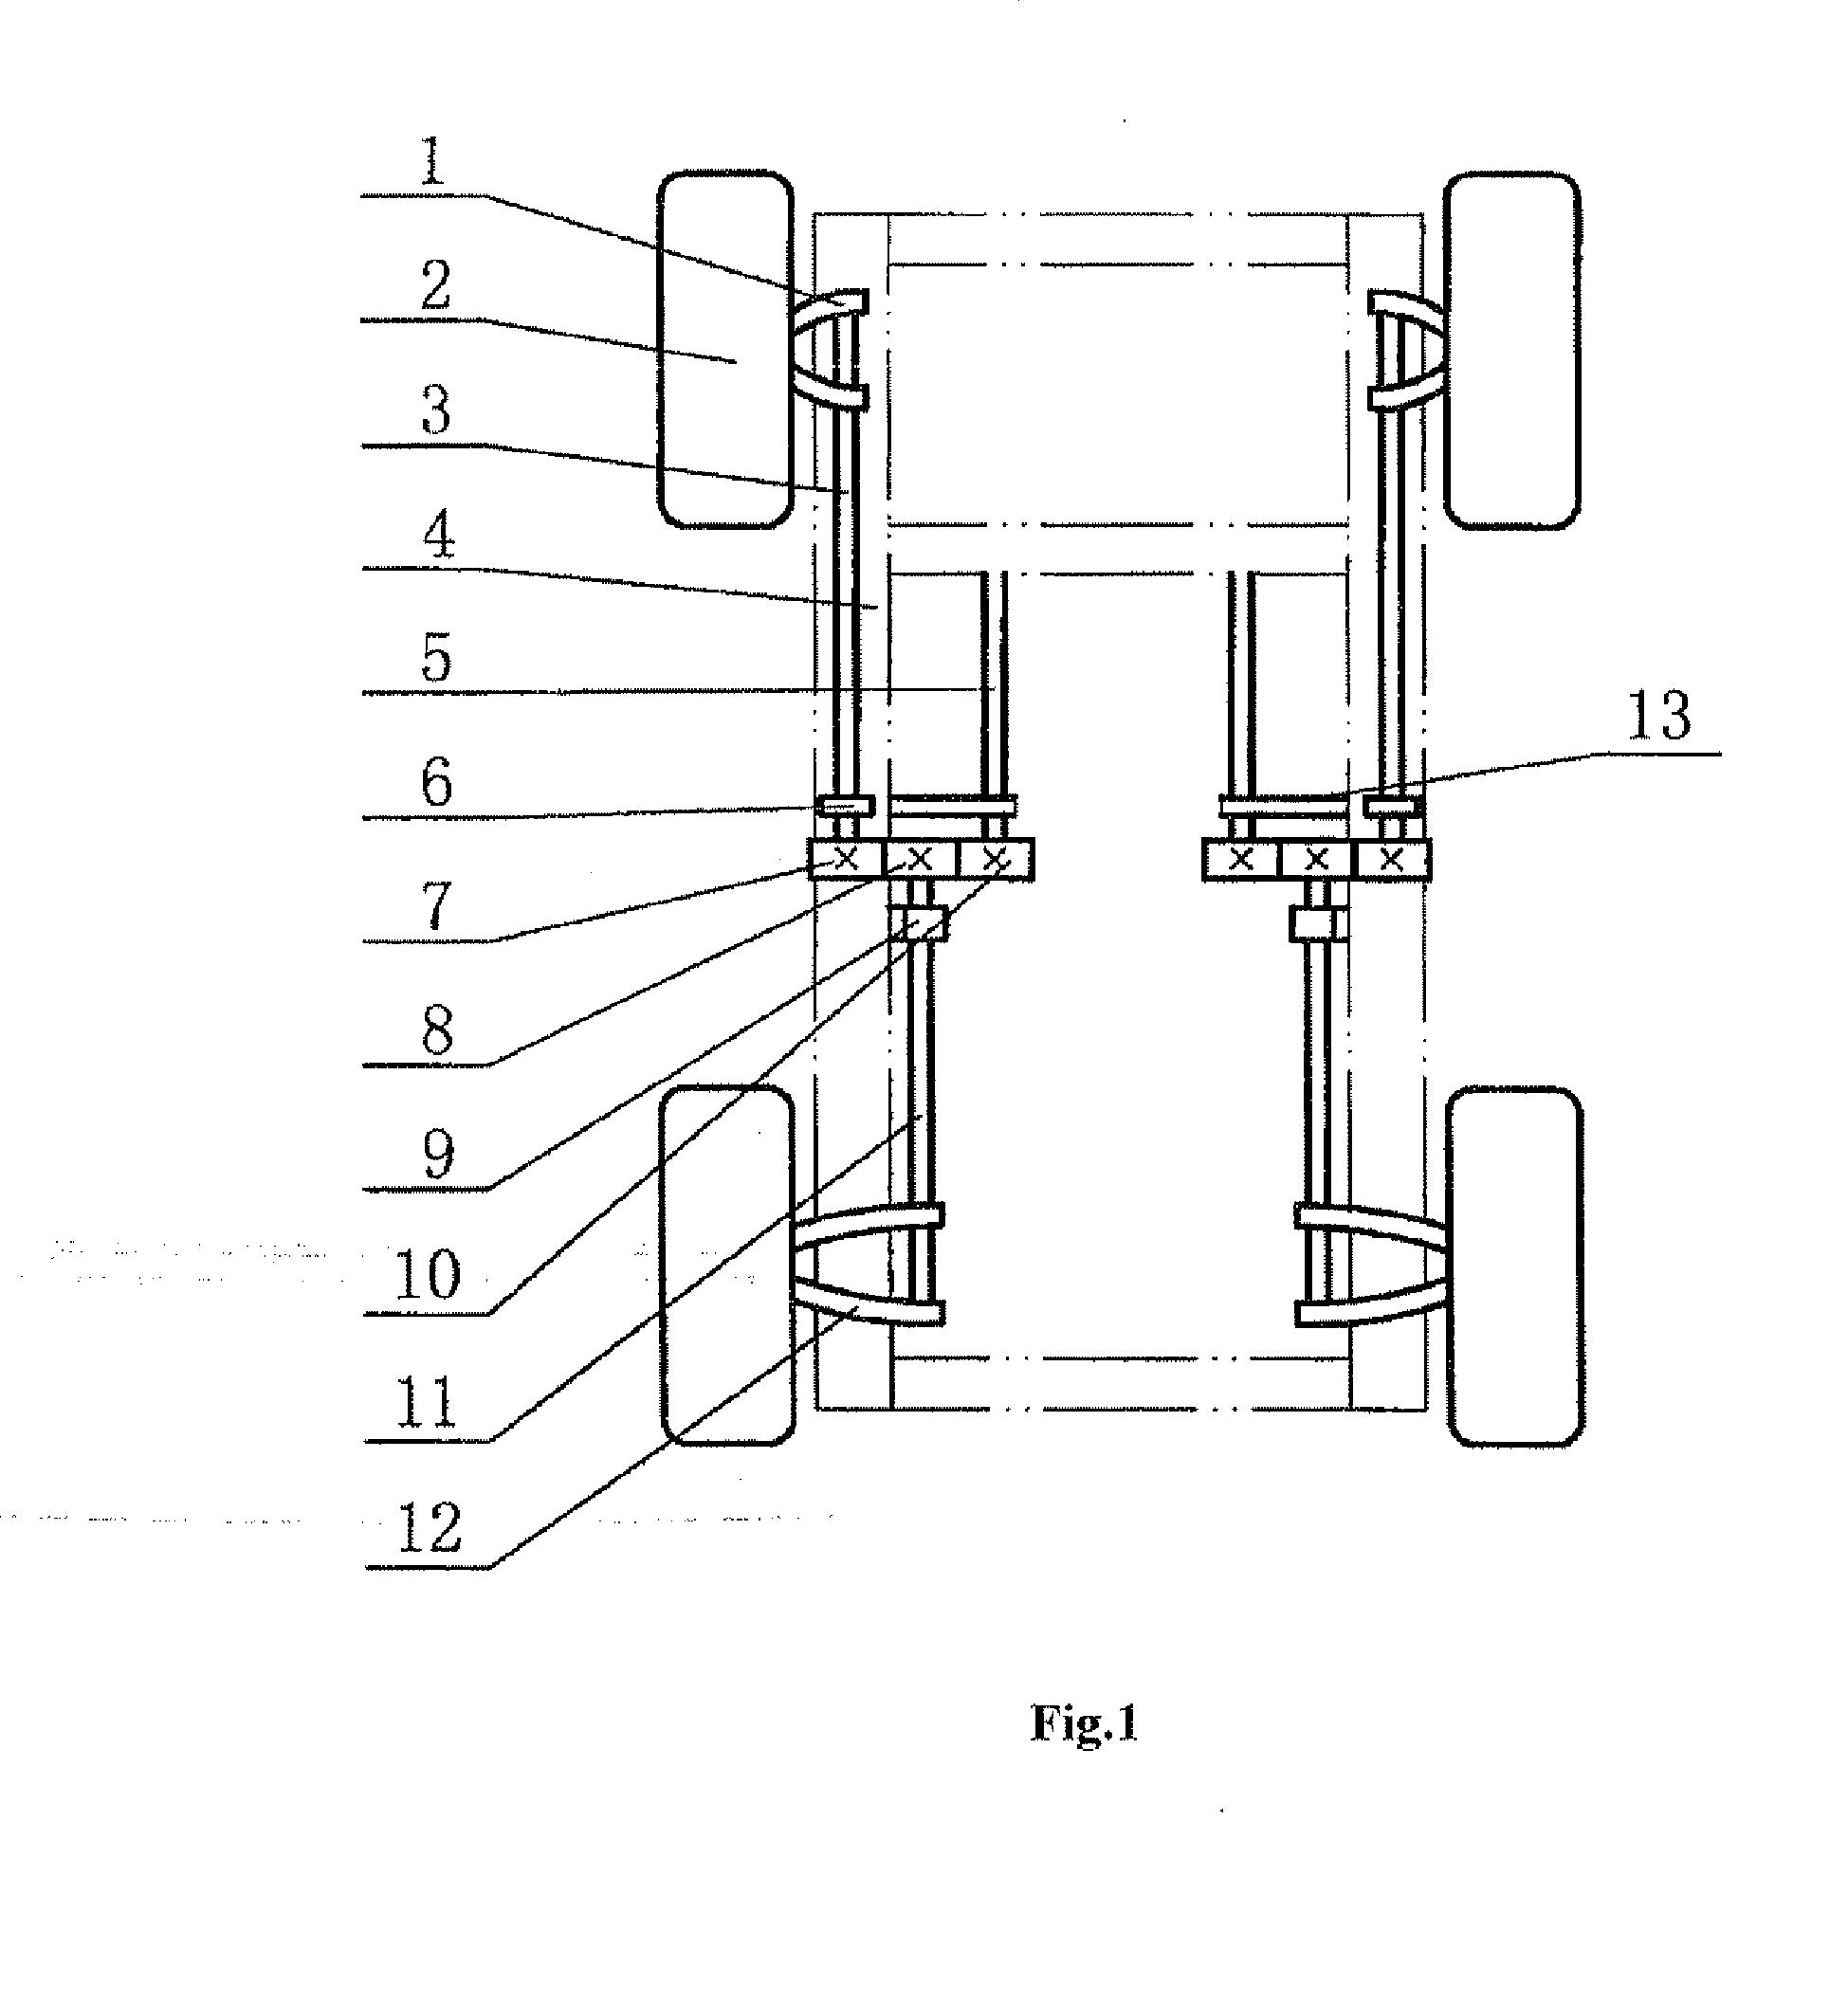 patent ep2255981a1 - torsion bar vehicle suspension device